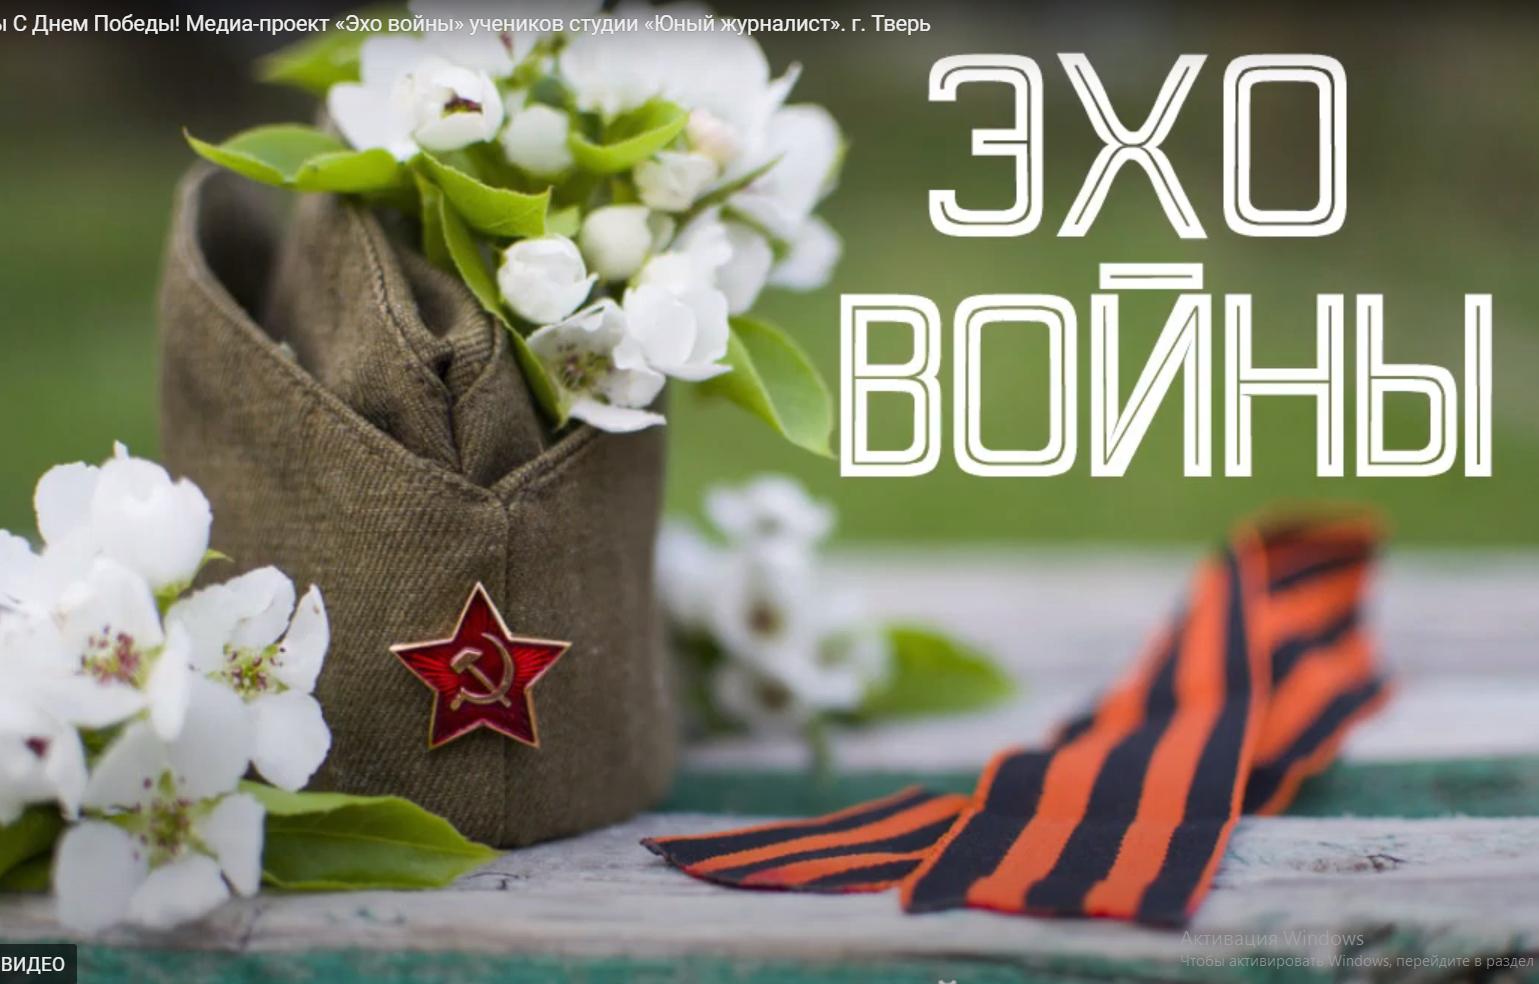 Тверские юнкоры записали видео-спектакль «Эхо войны» к 75 -летию Победы